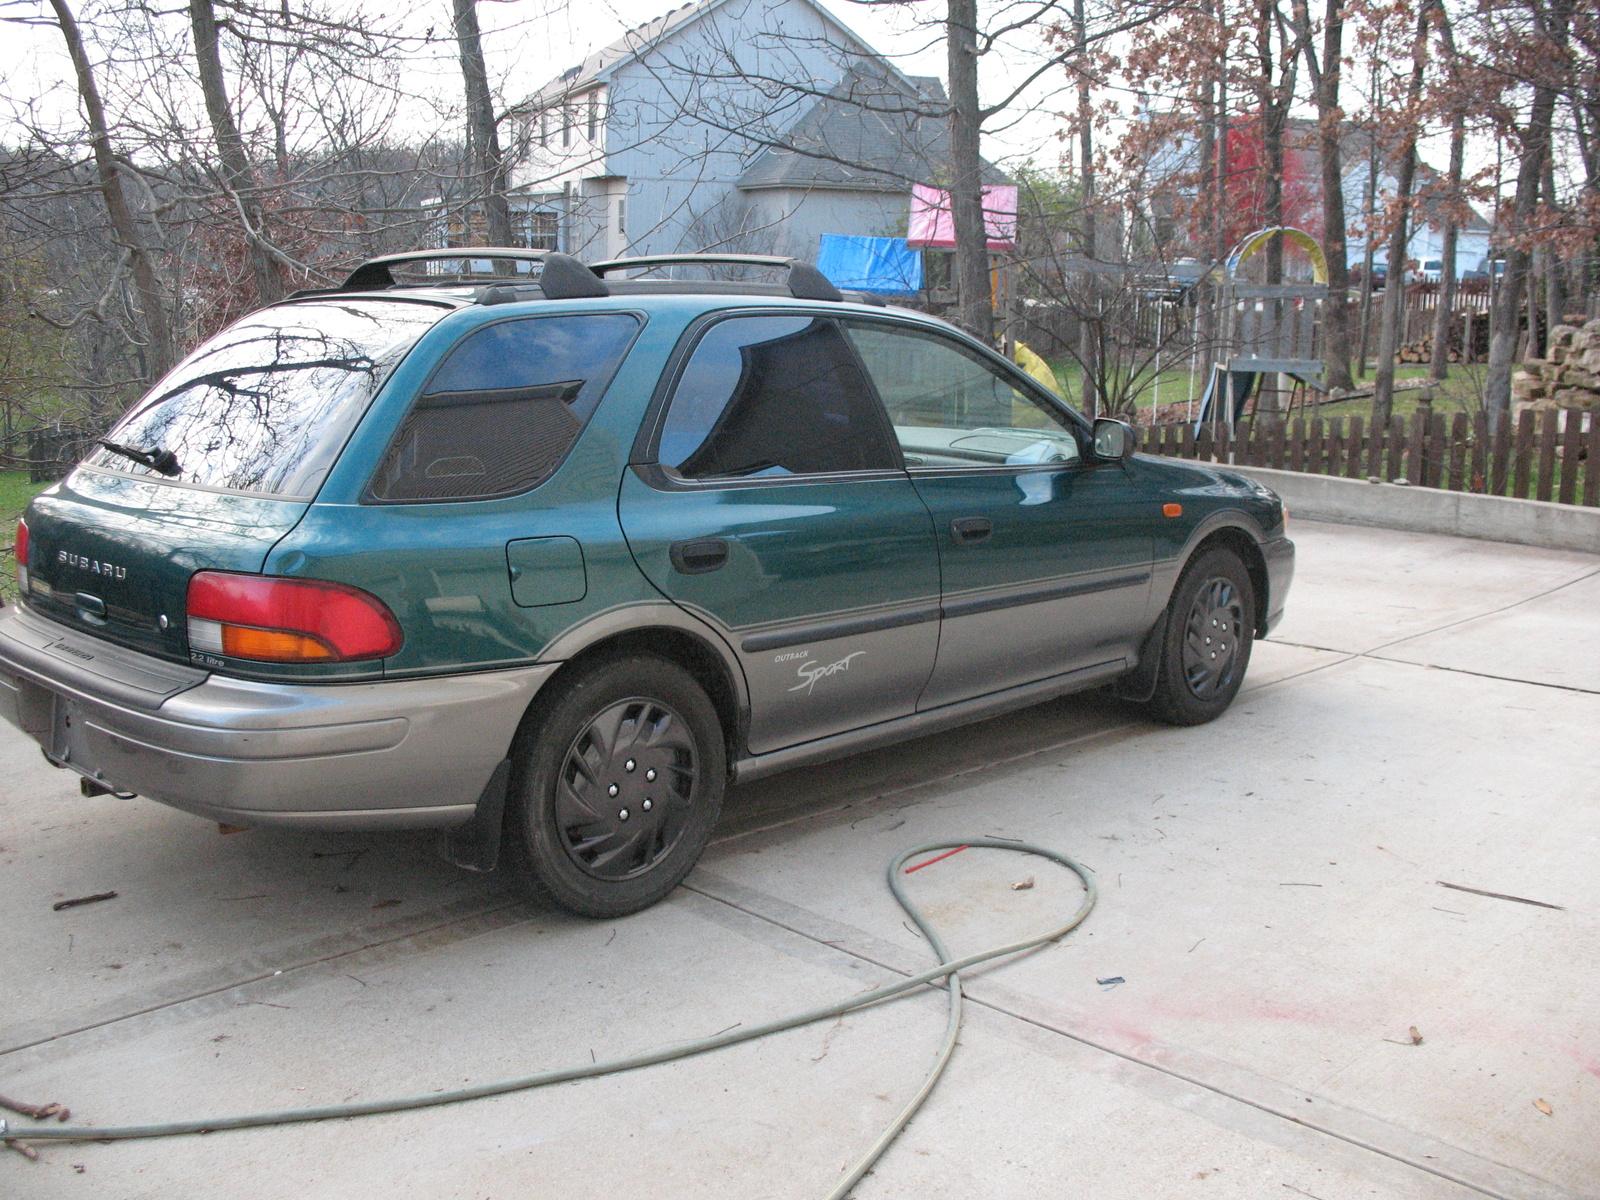 1997 Subaru Impreza Pictures Cargurus